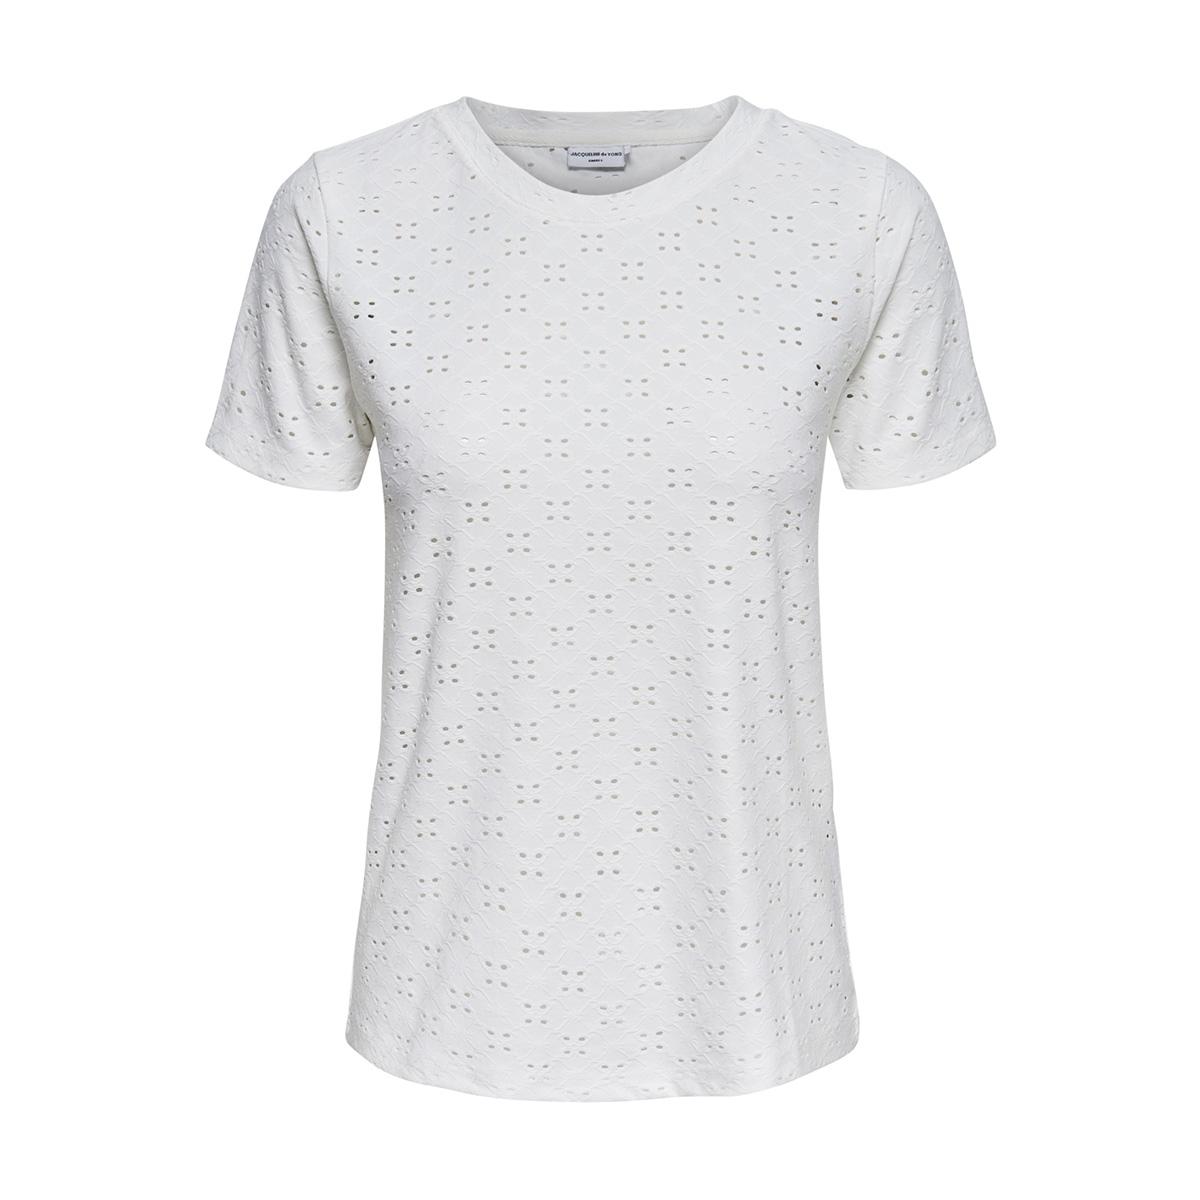 jdycathinka s/s tag top jrs 15158450 jacqueline de yong t-shirt cloud dancer